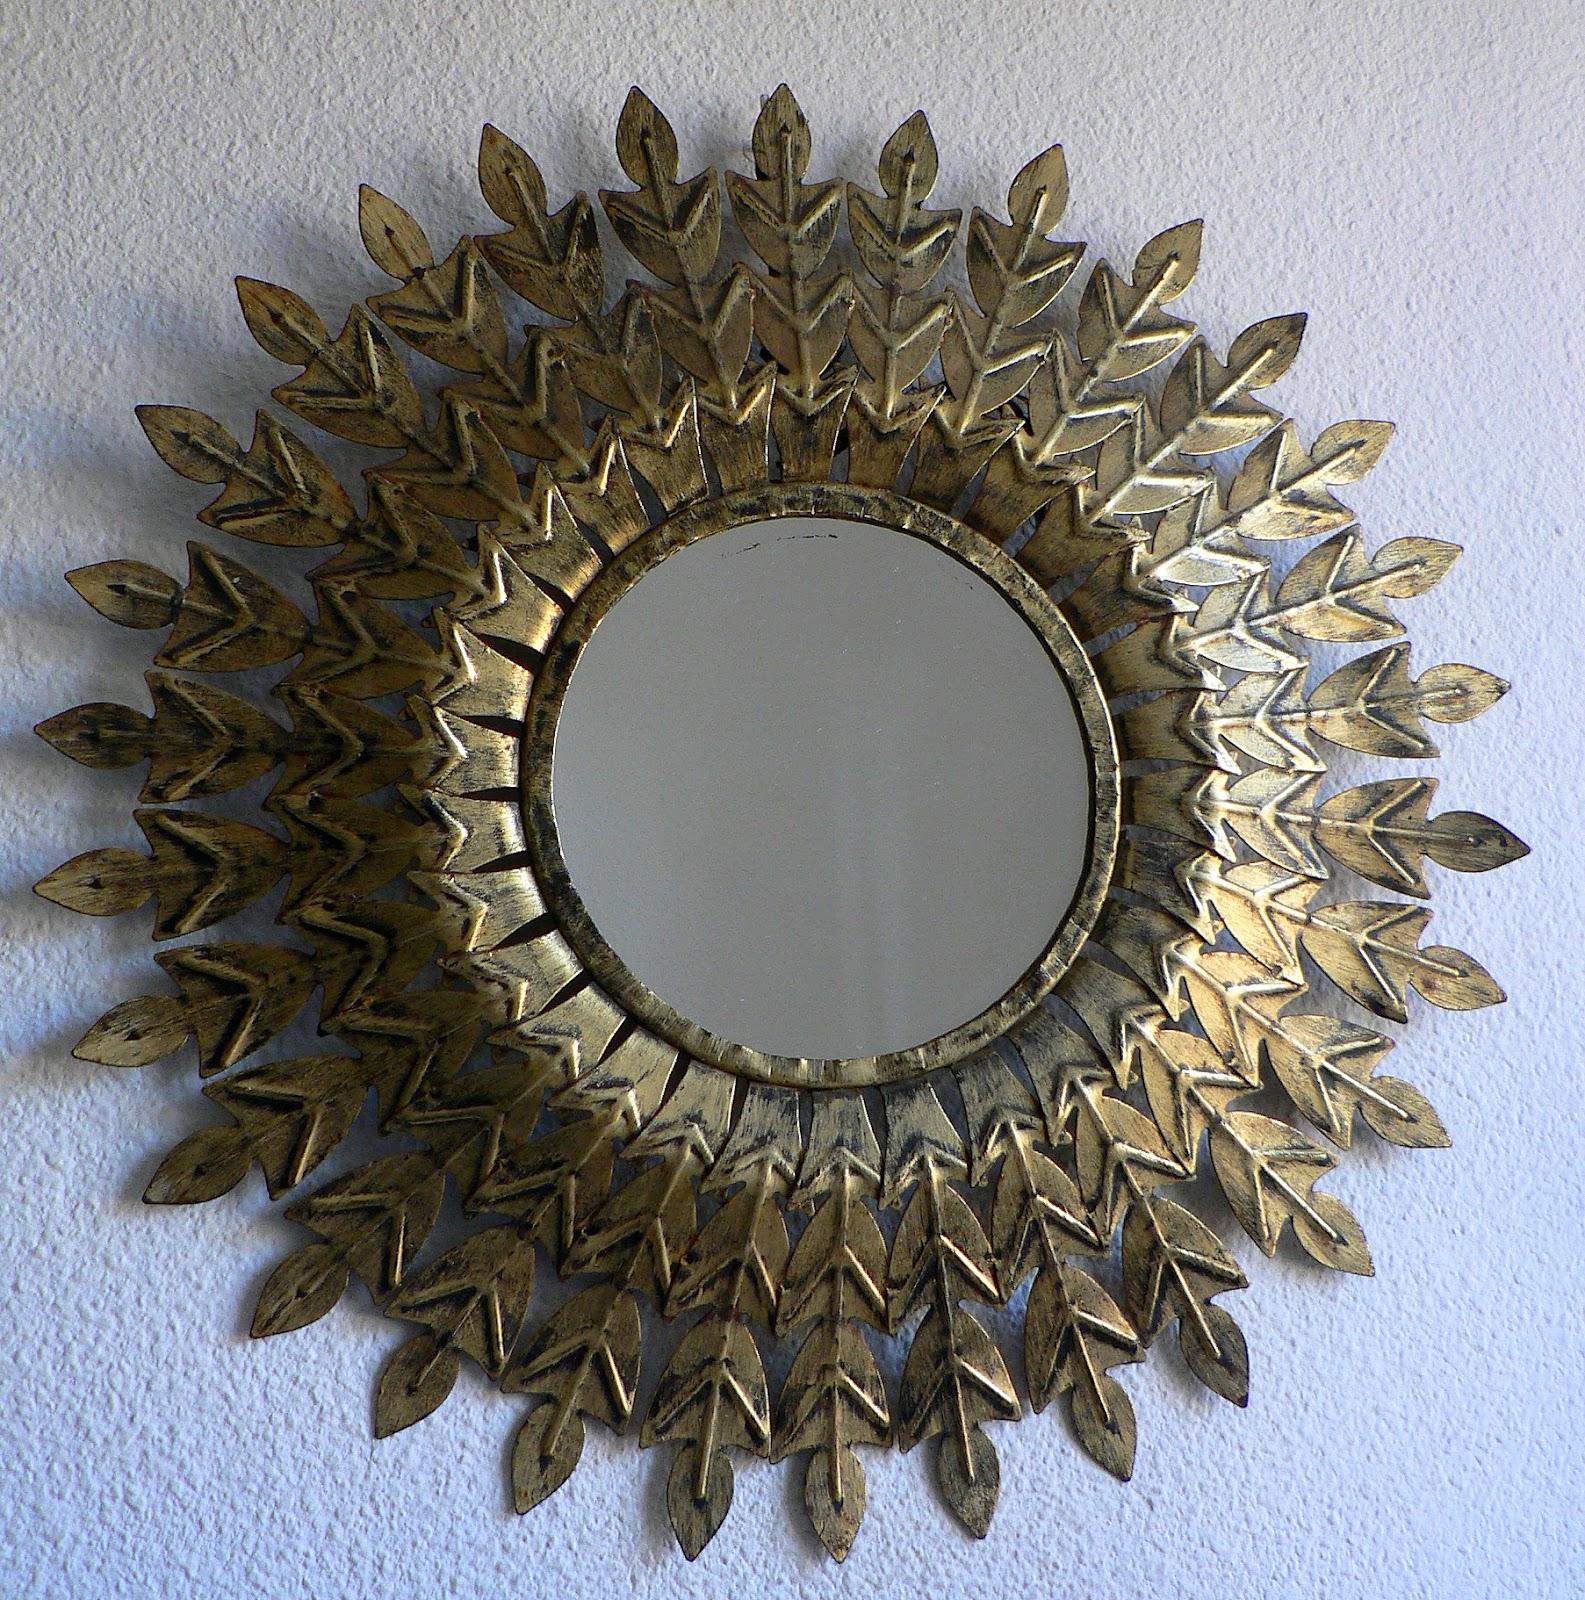 Vintage kitsch siglo xx espejo sol dorado metalico a os 60 - Espejo sol dorado ...